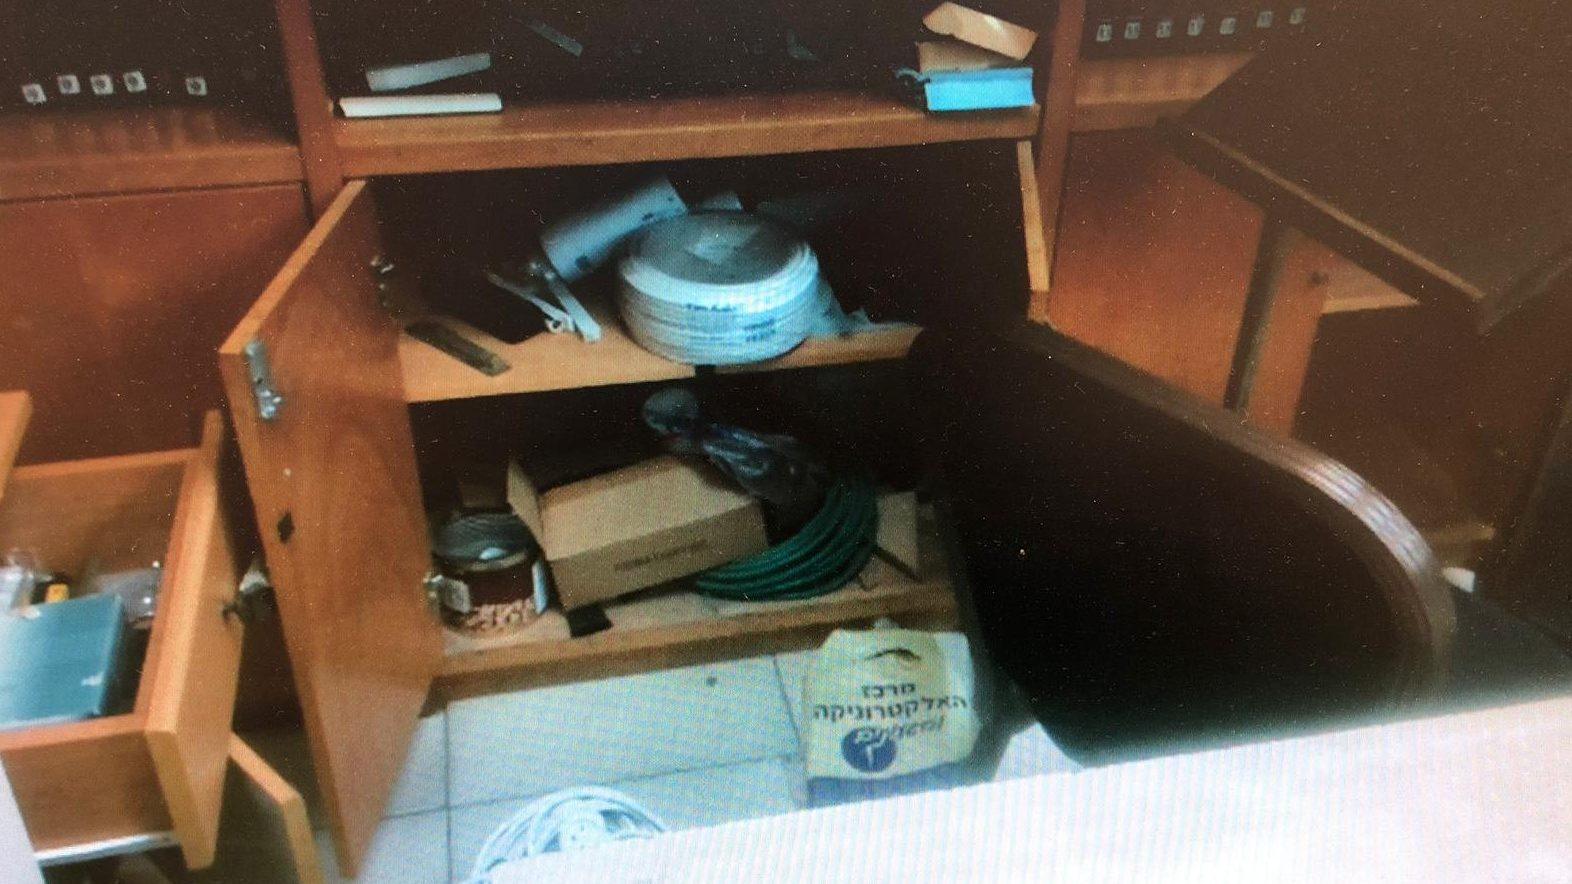 אלמונים פרצו לבית כנסת באשדוד, גנבו קופות צדקה וגרמו נזק במקום